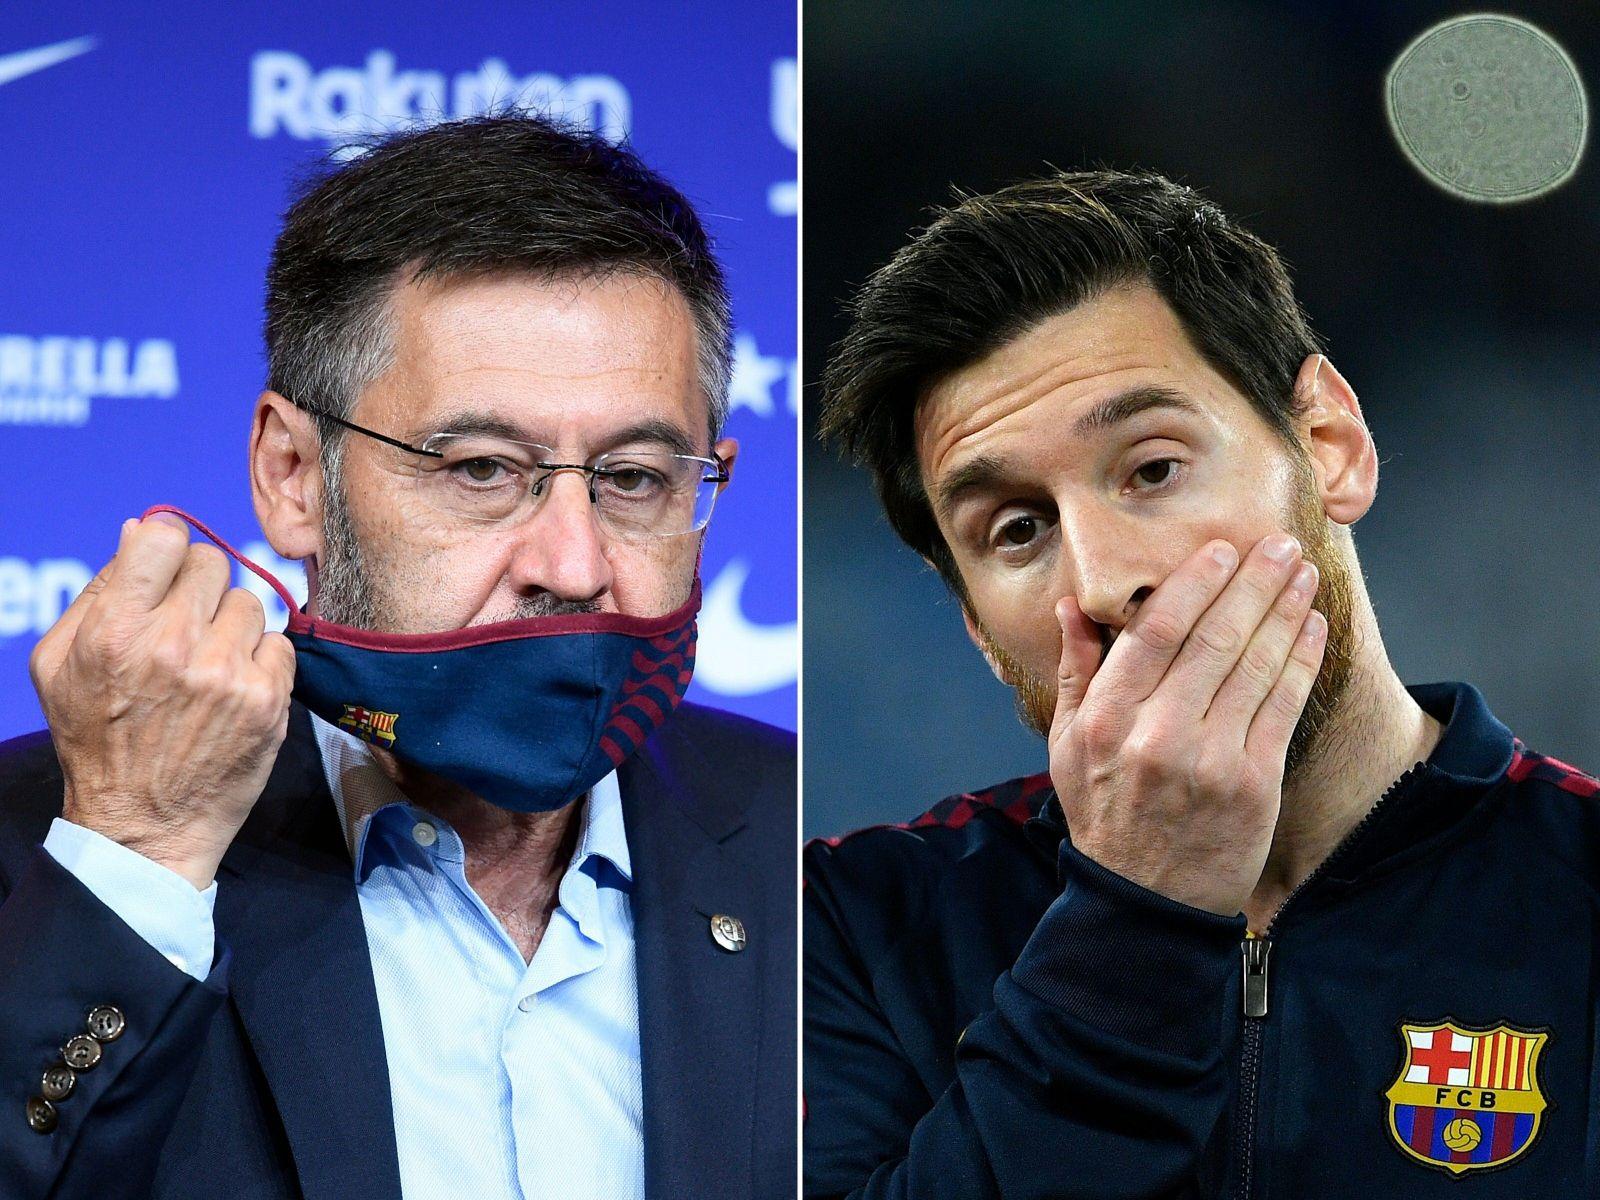 Josep LAGO and Filippo MONTEFORTE / AFP